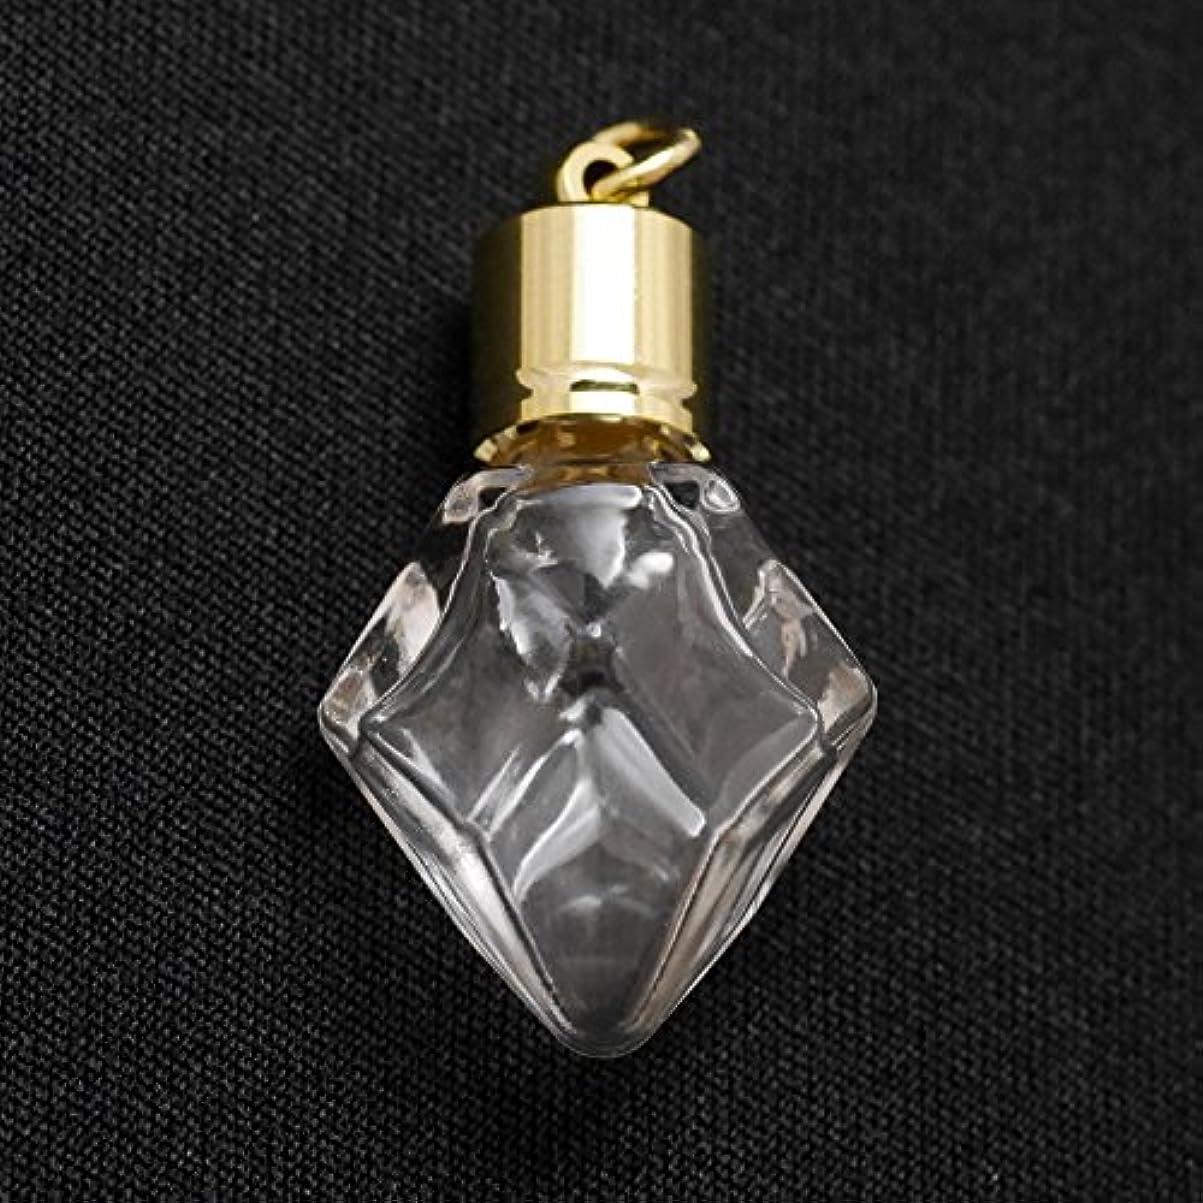 刺します酸っぱい部分ミニ香水瓶 アロマペンダントトップ ダイヤ型(透明 容量0.7ml)×穴あきキャップ ゴールド